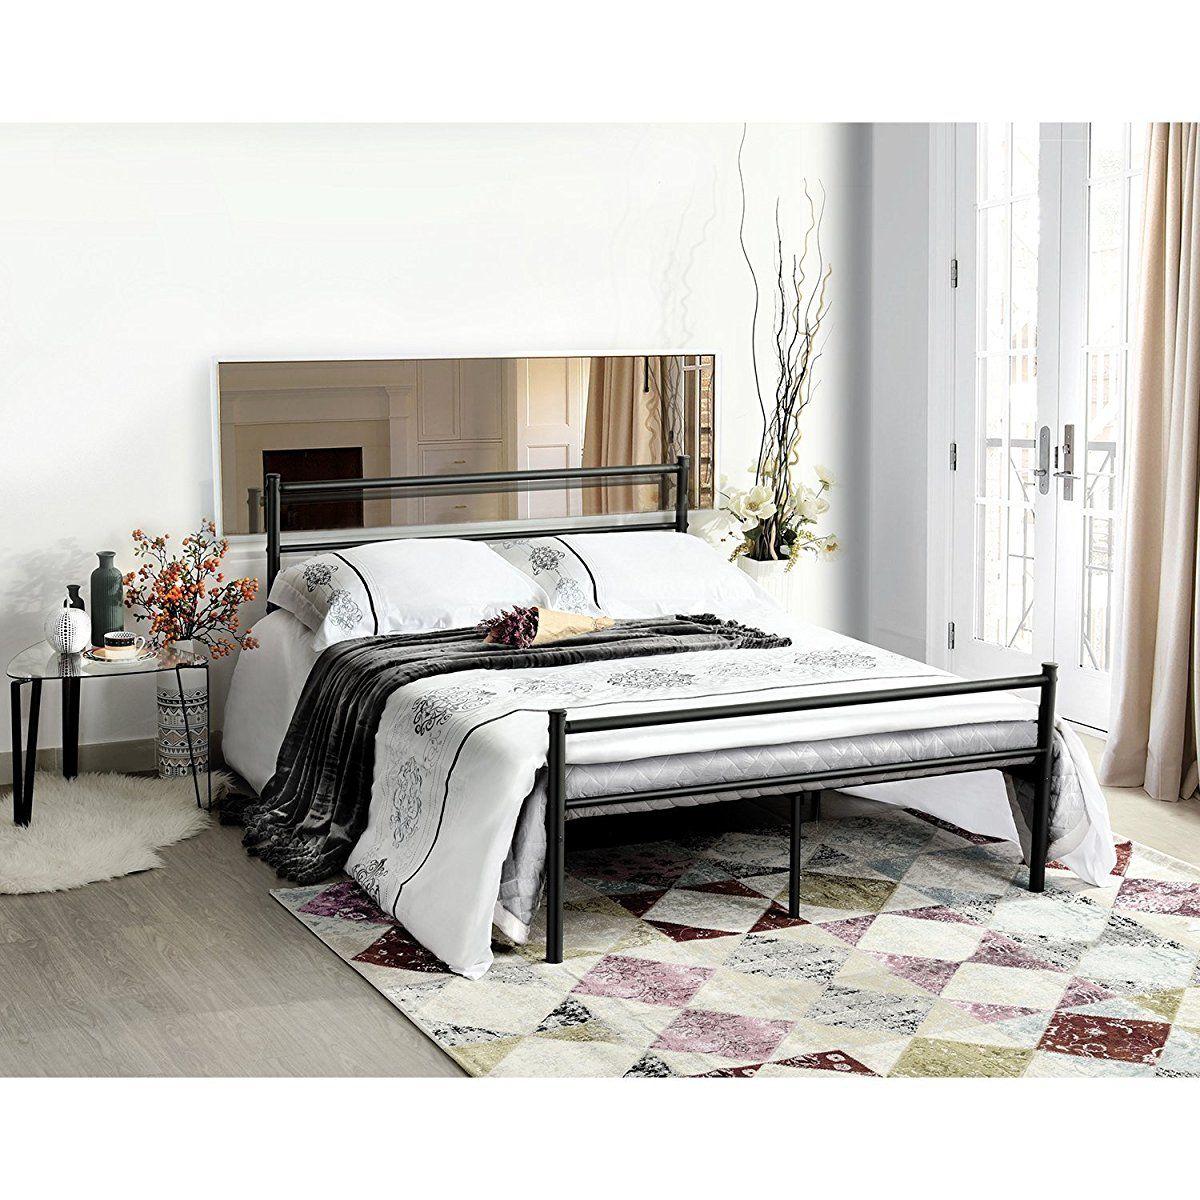 metal bed frame two headboards bed frame pinterest bed frame rh pinterest com